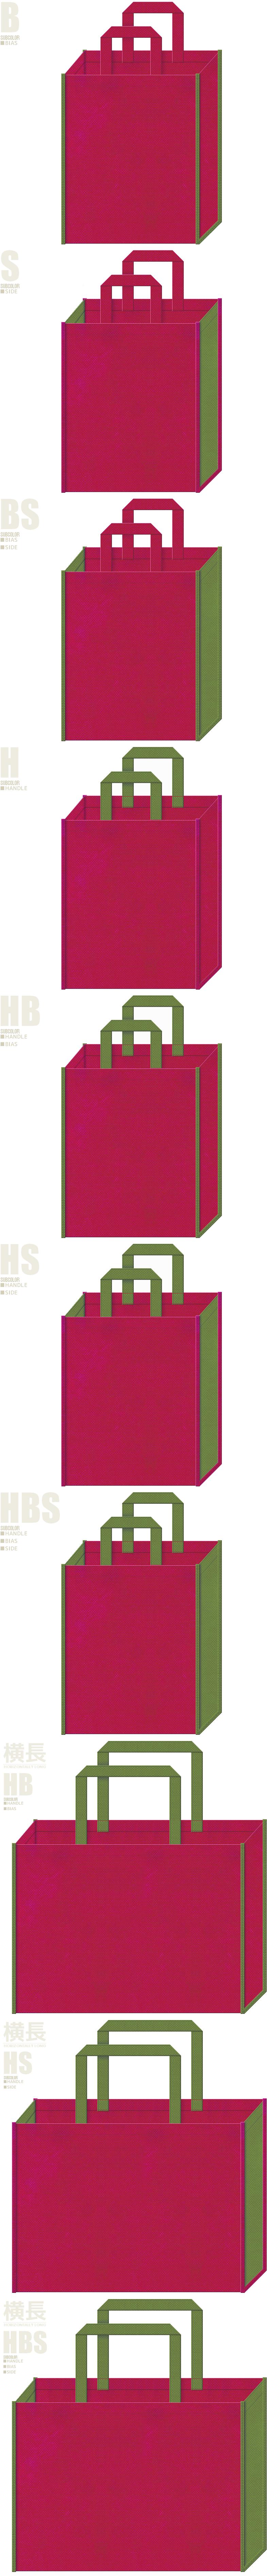 梅・メジロ・草履・着物・帯・和風催事にお奨めの不織布バッグデザイン:濃いピンク色と草色の配色7パターン